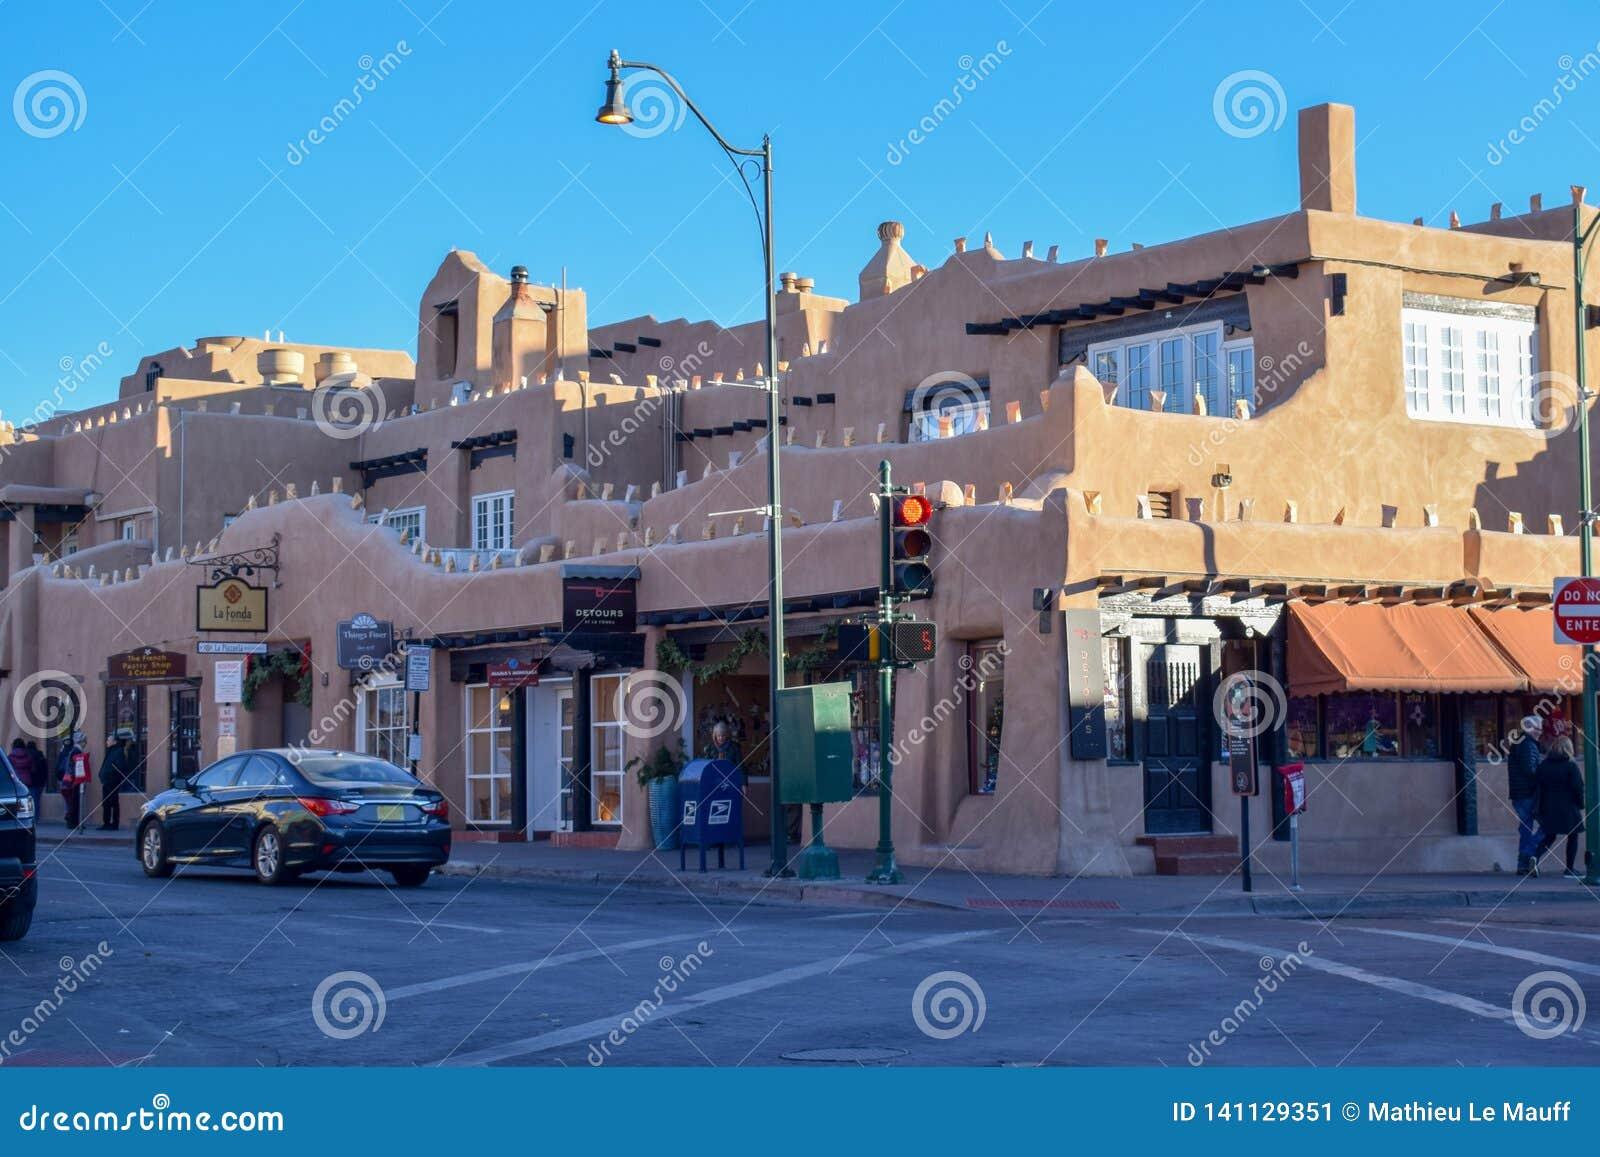 Santa Fe& x27;s Historic Adobe Architecture in New Mexico